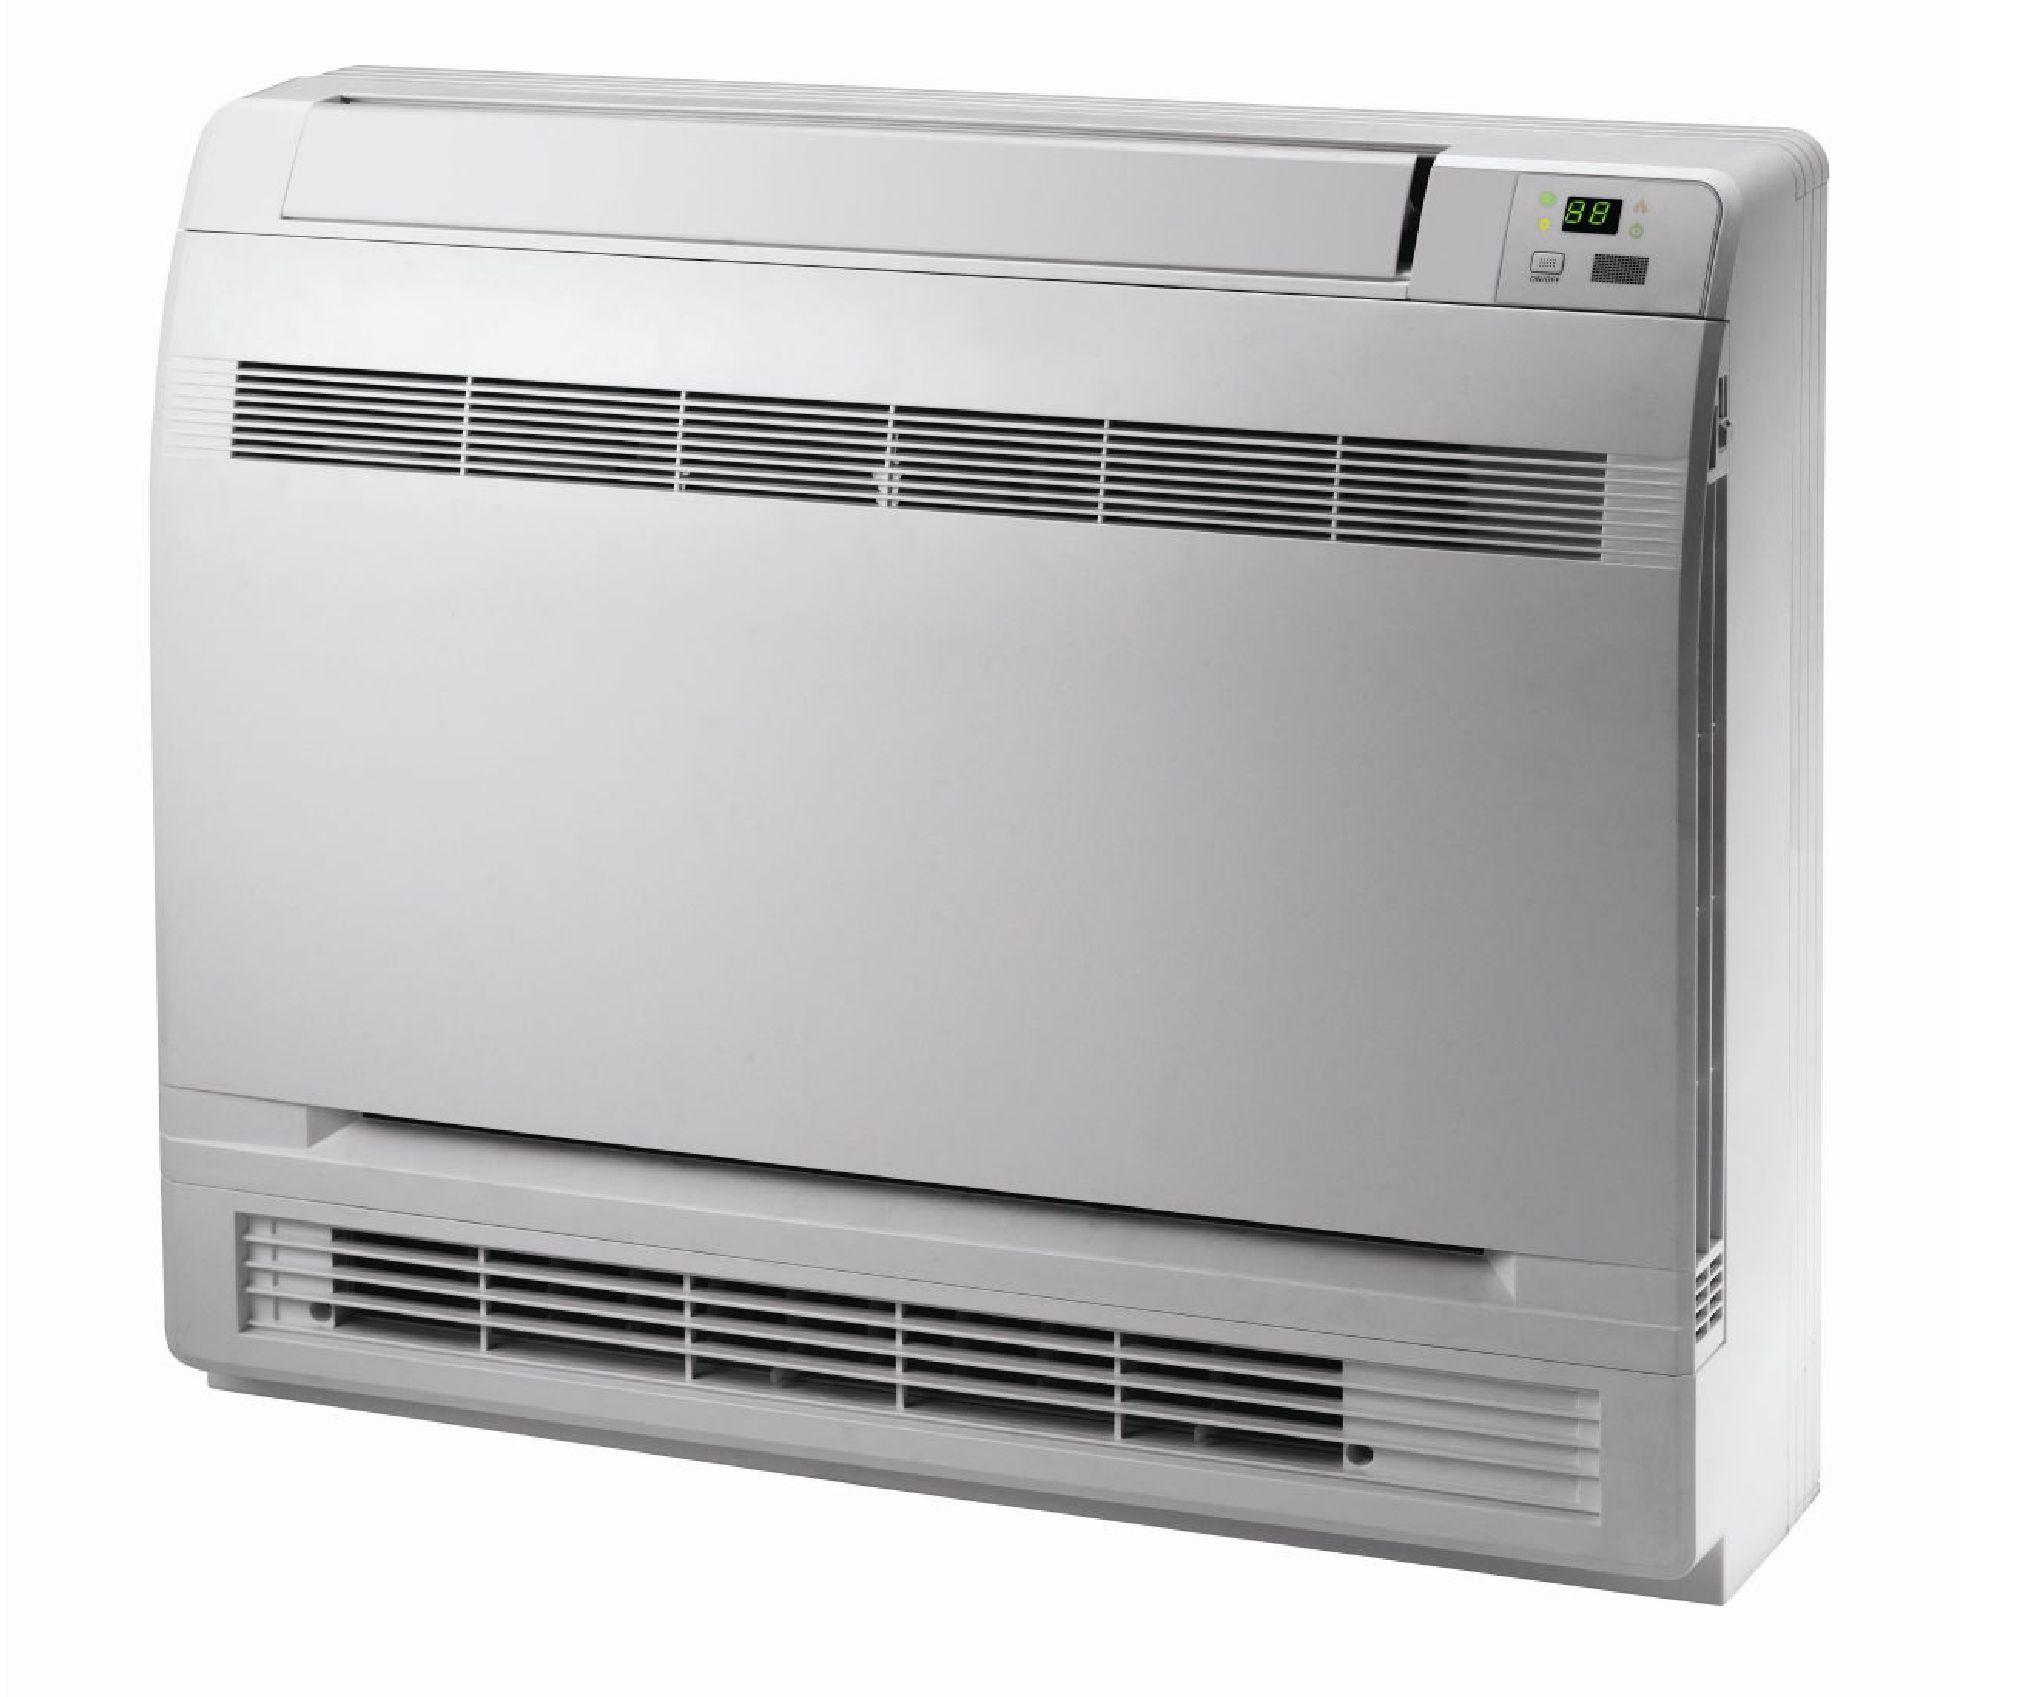 GREE 9000 Btu/h Multi unutrašnjakonzolnaD.C.Inverter (R410A)